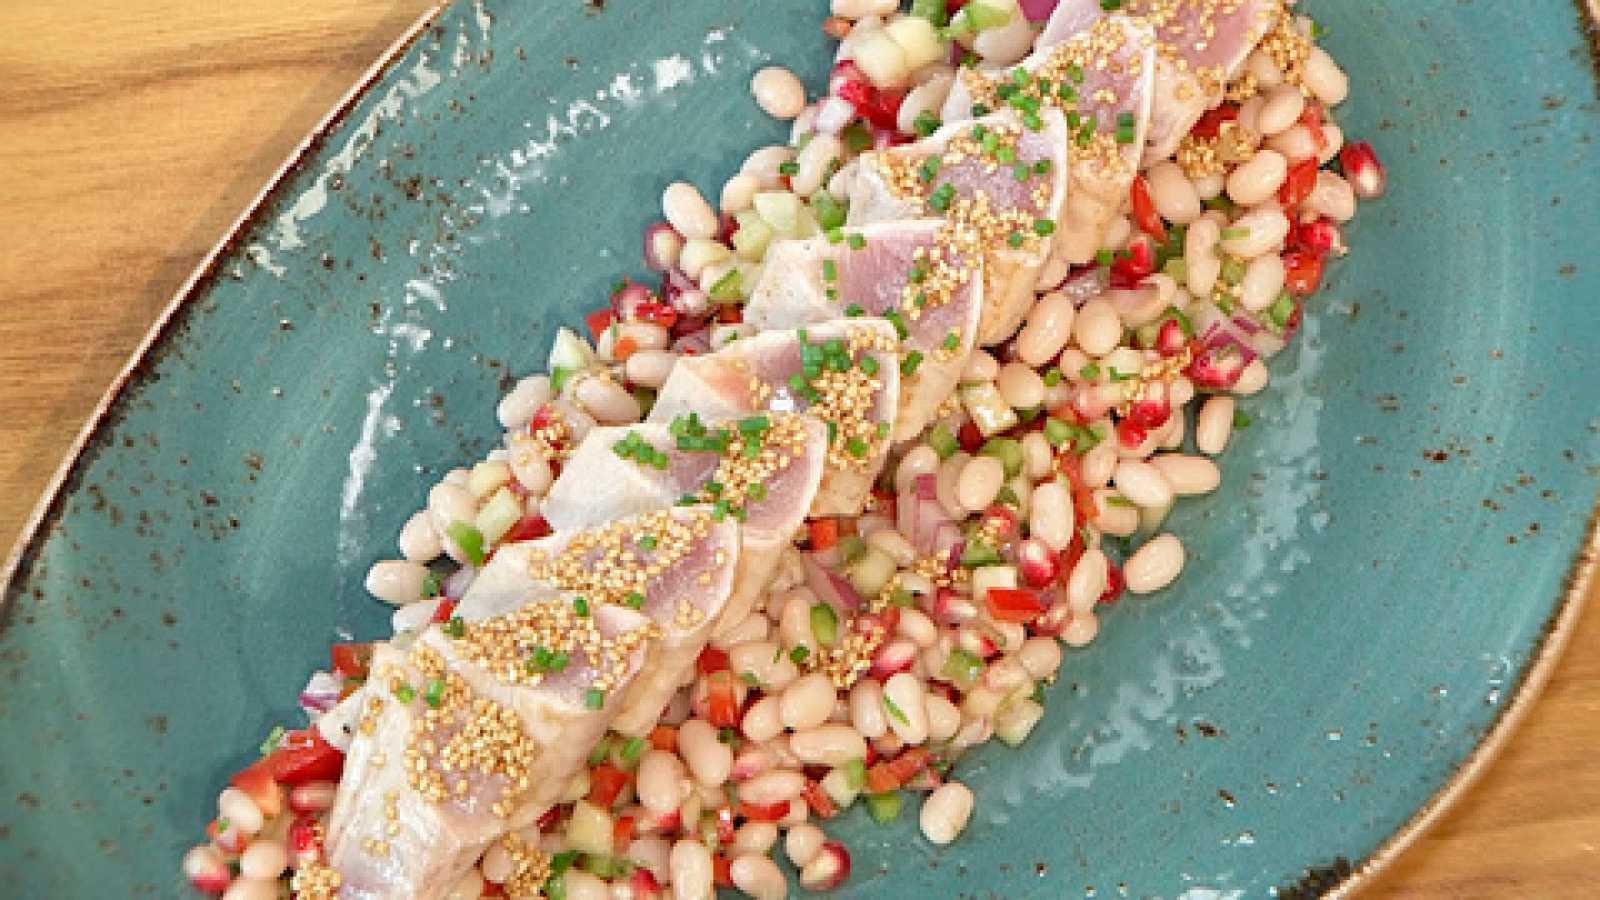 Torres en la cocina - Ensalada de alubias